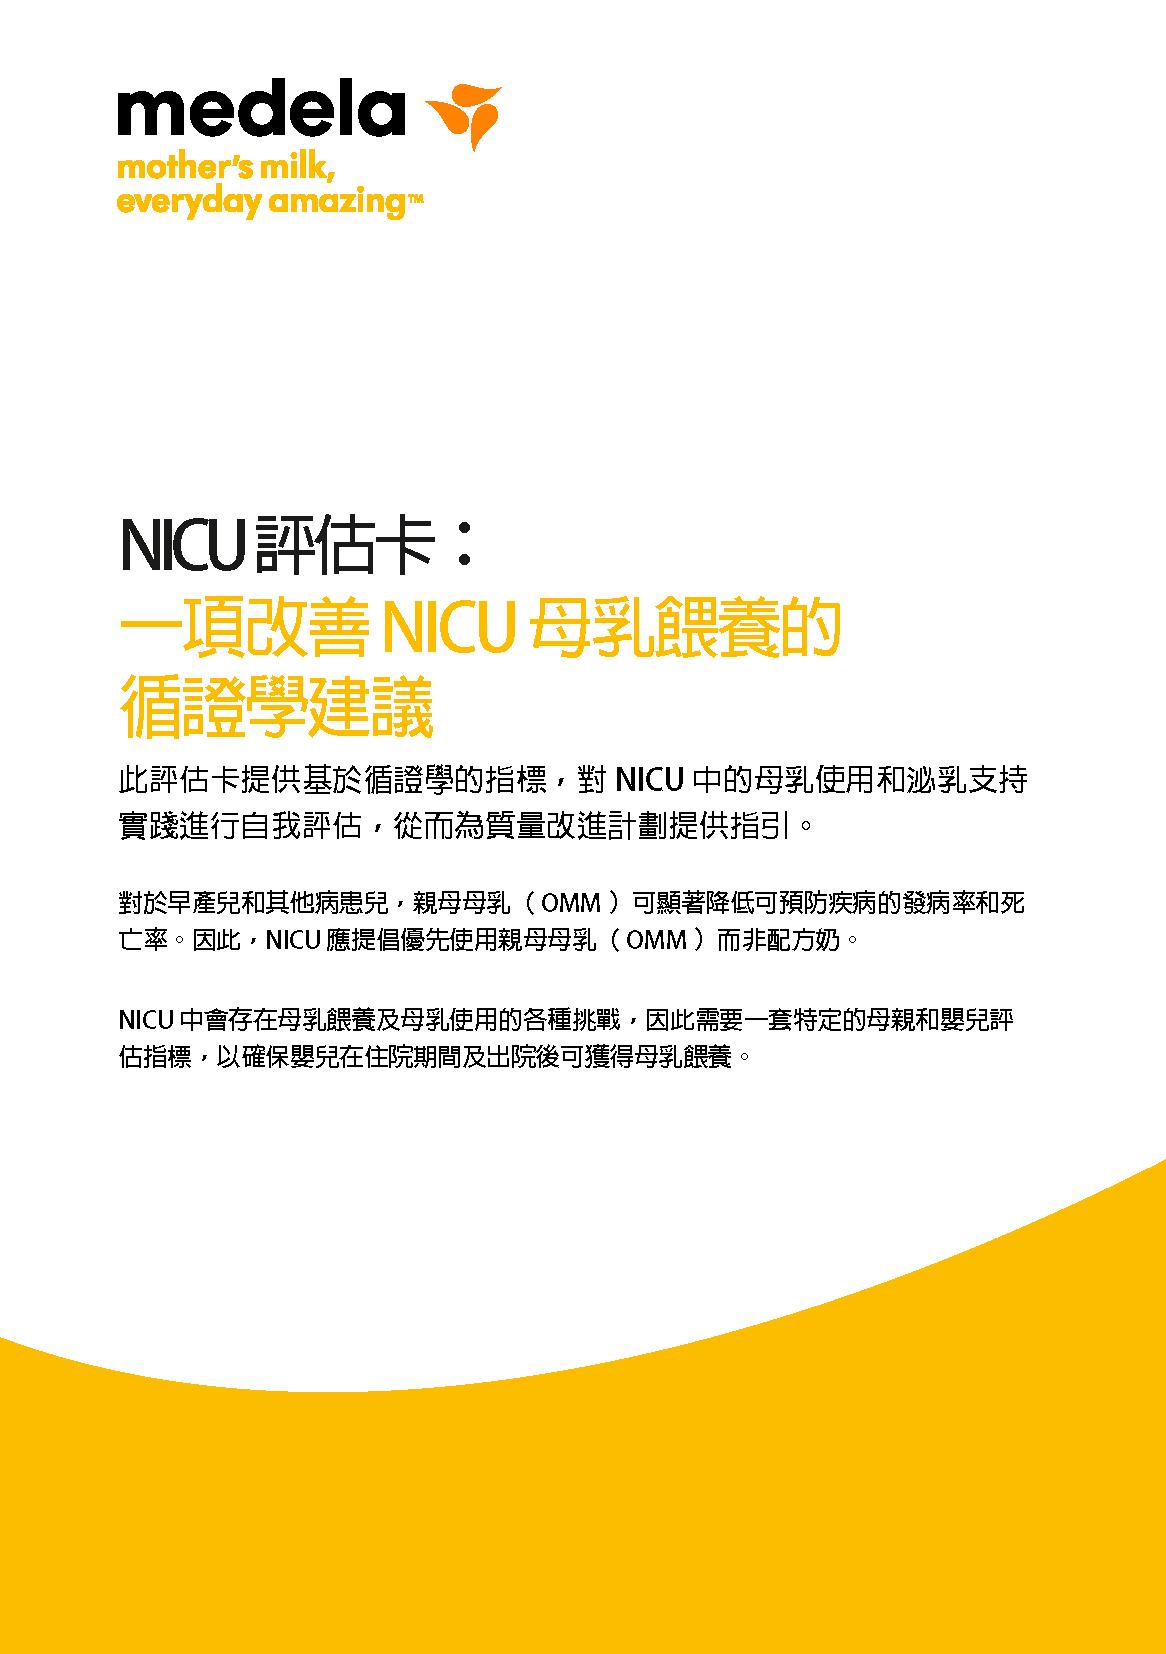 改善 NICU 中母乳的使用